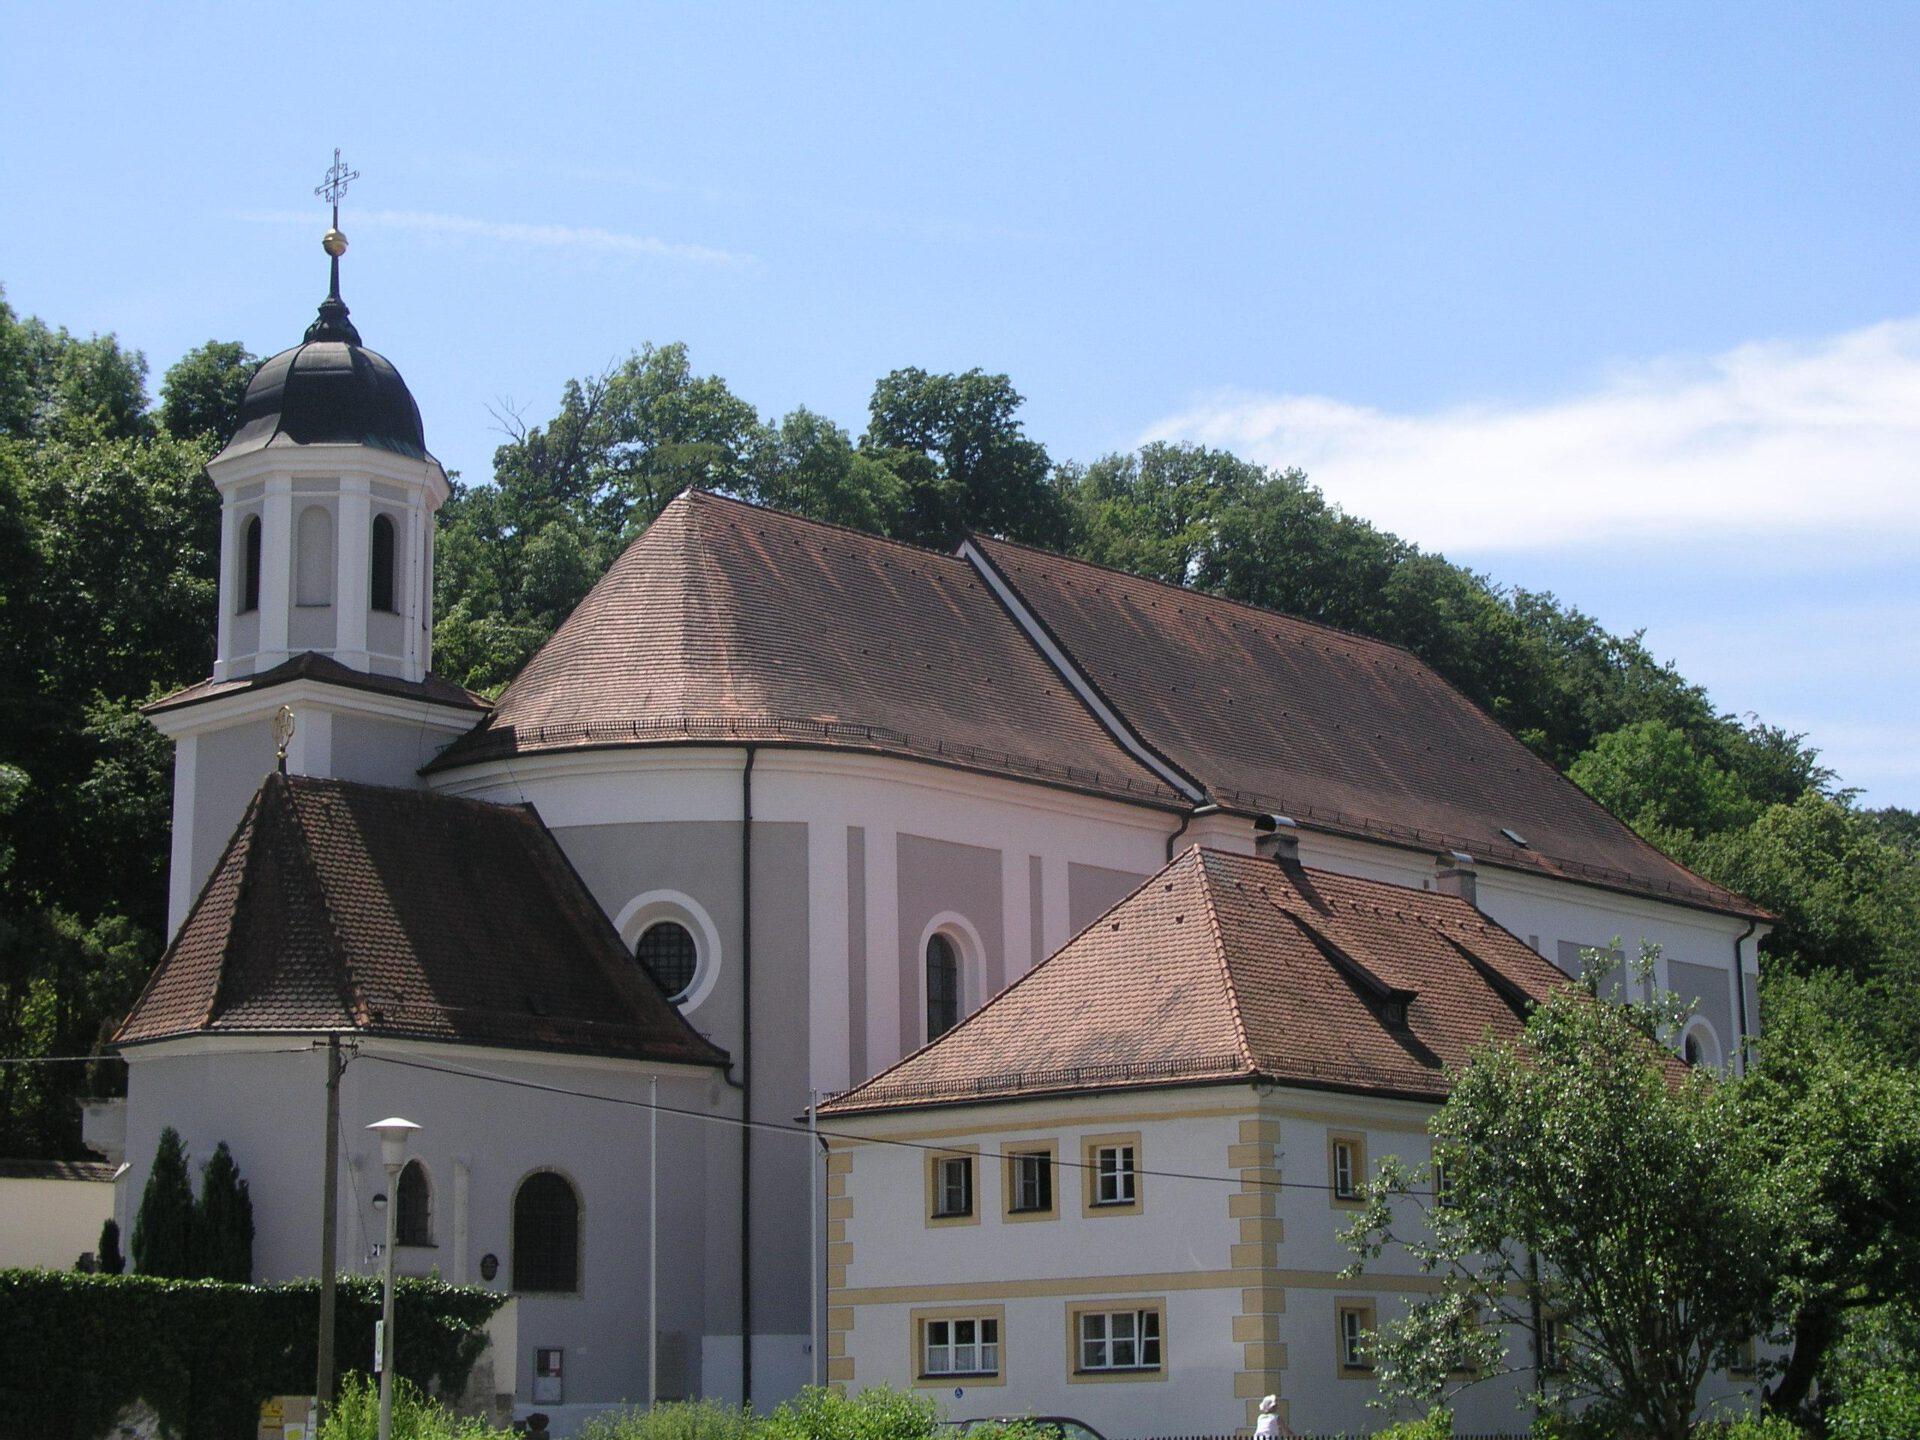 Christkindlmesse in der Wallfahrtskirche zu Mariaort